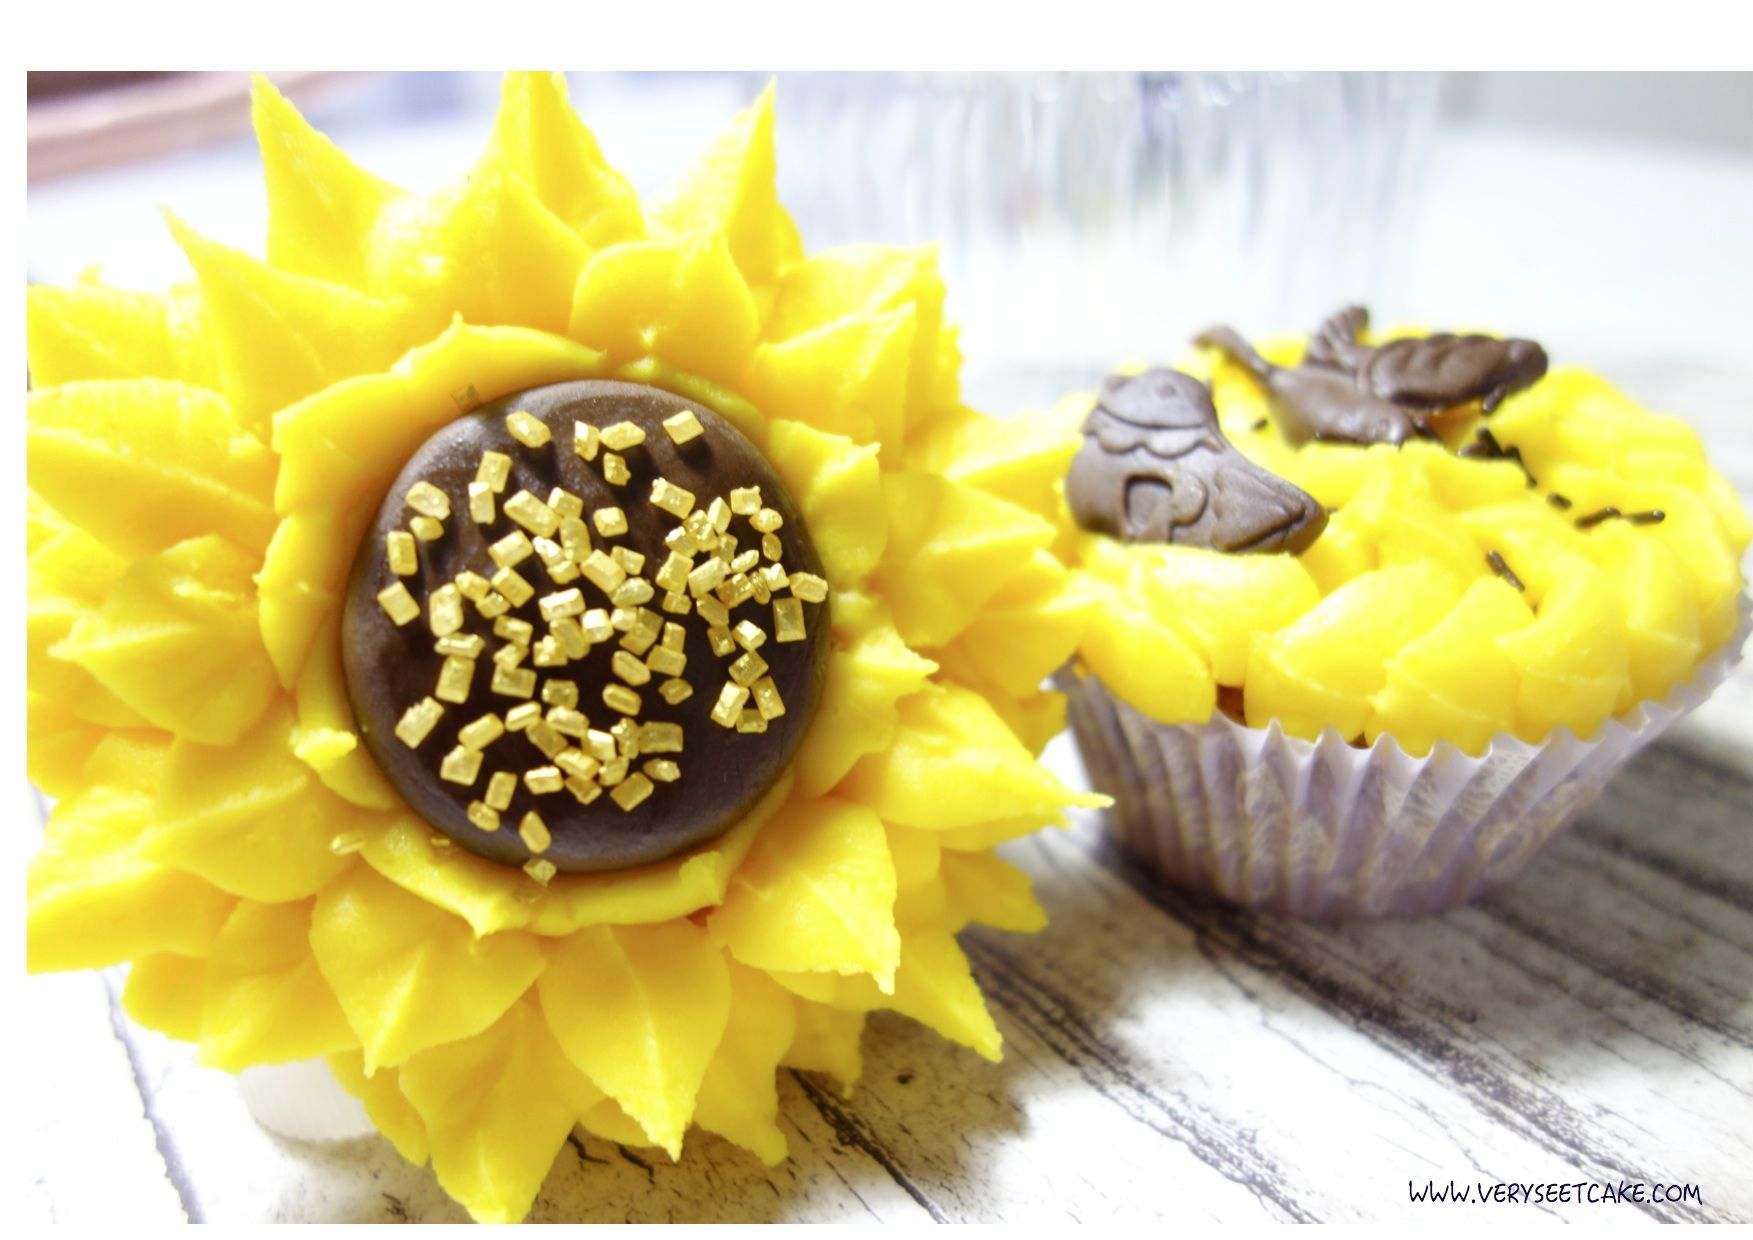 Cupcake girasol del curso de cupcakes avanzado apuntaté en www.verysweetcake.com